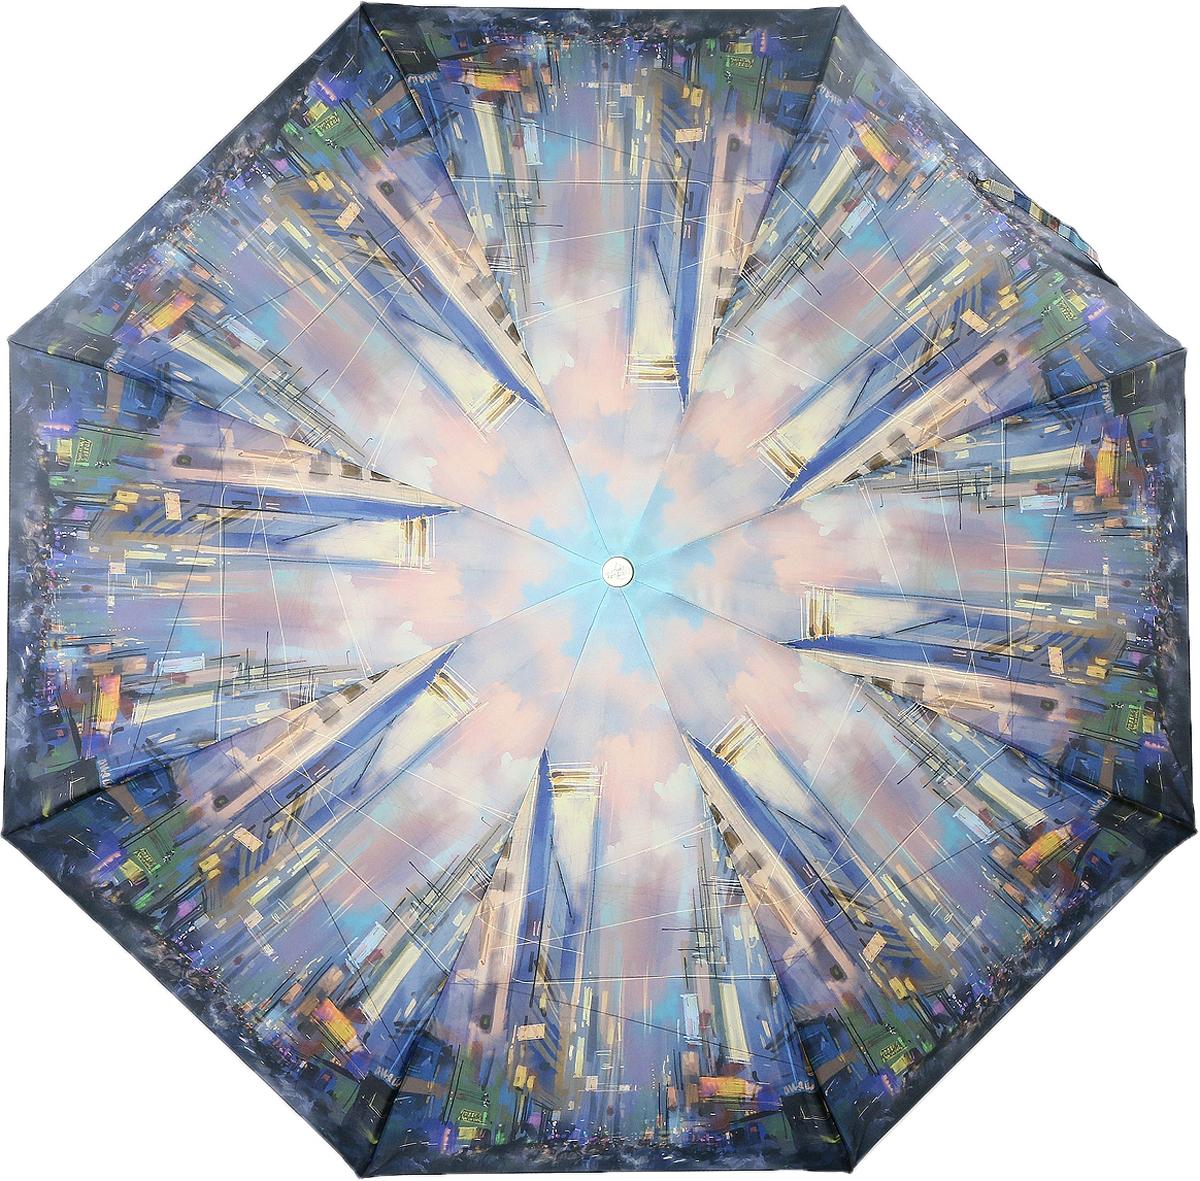 Зонт Trust 42375-1614, фиолетовый, сиреневый, синий, розовый зонт женский trust автомат 4 сложения цвет голубой сиреневый бледно розовый 42375 1619